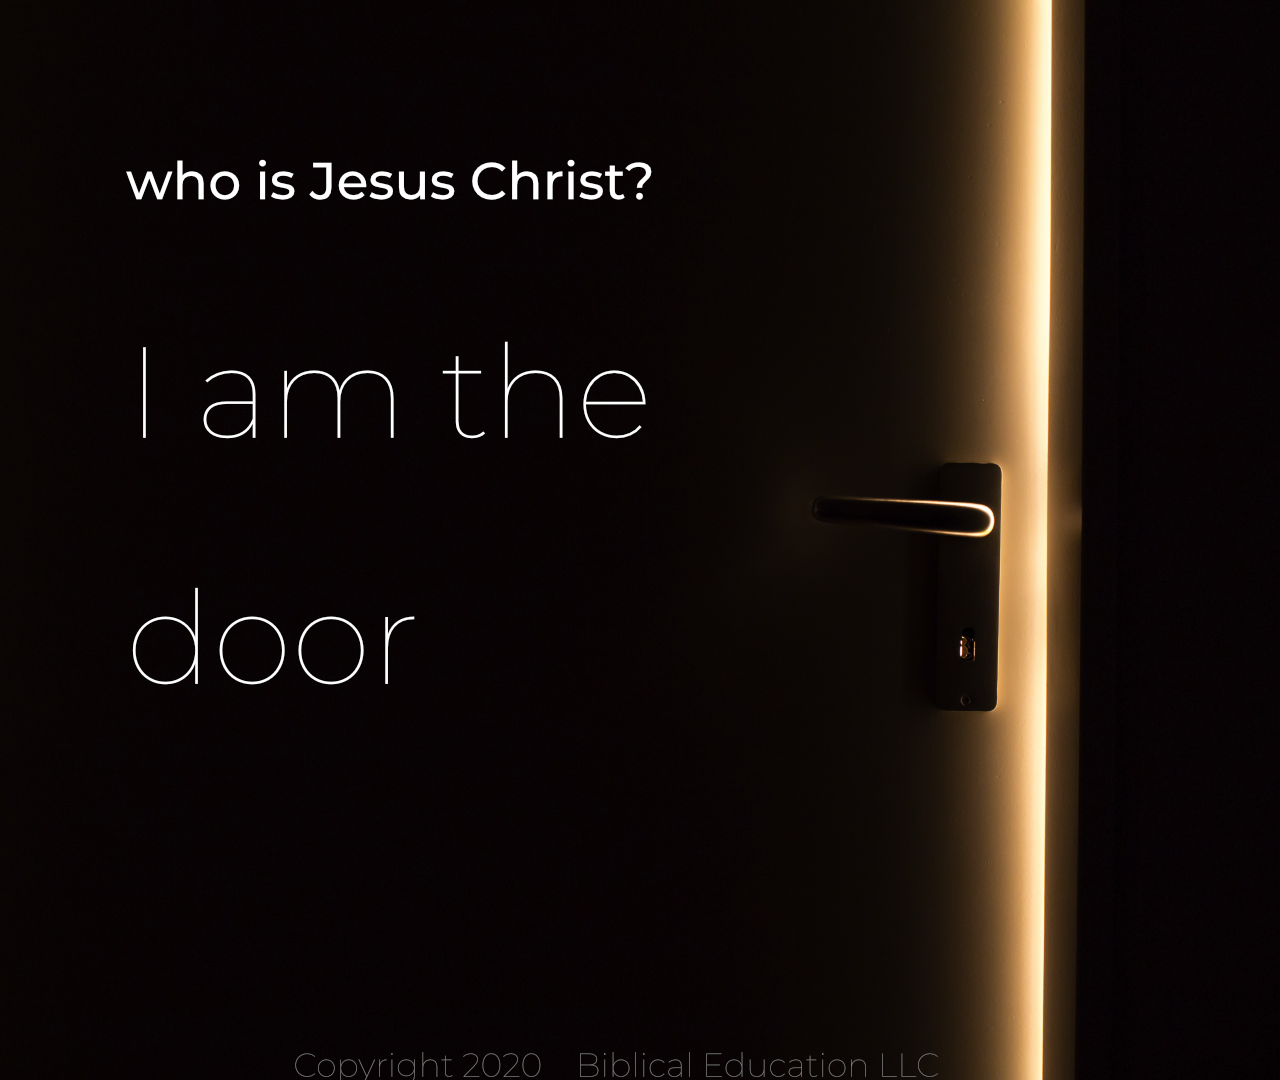 Ik ben de deur 1280x1080